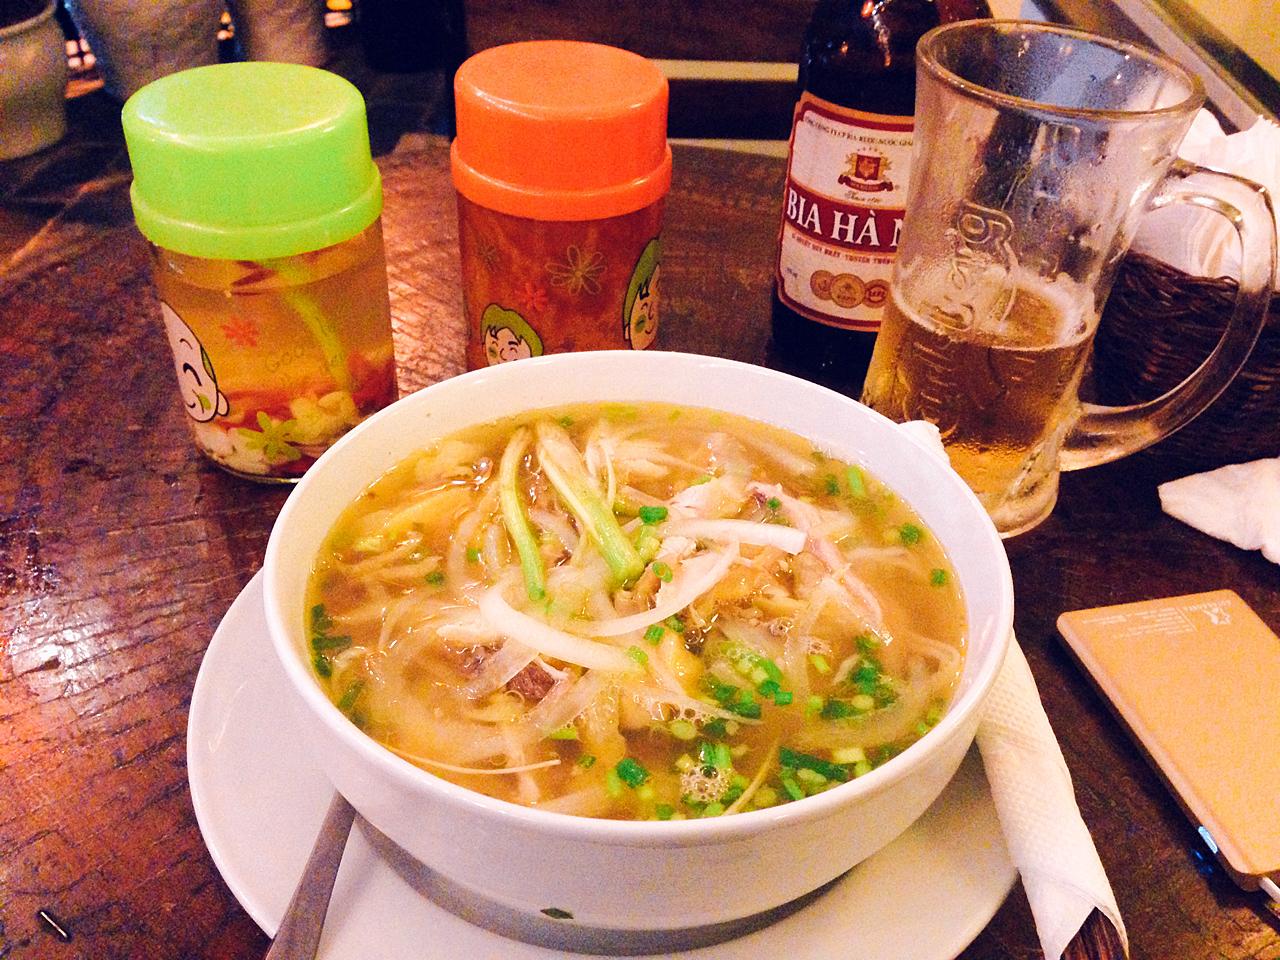 베트남 하노이에서 먹은 첫끼 식사. 치킨 국수였는데, 참... 느끼했다.